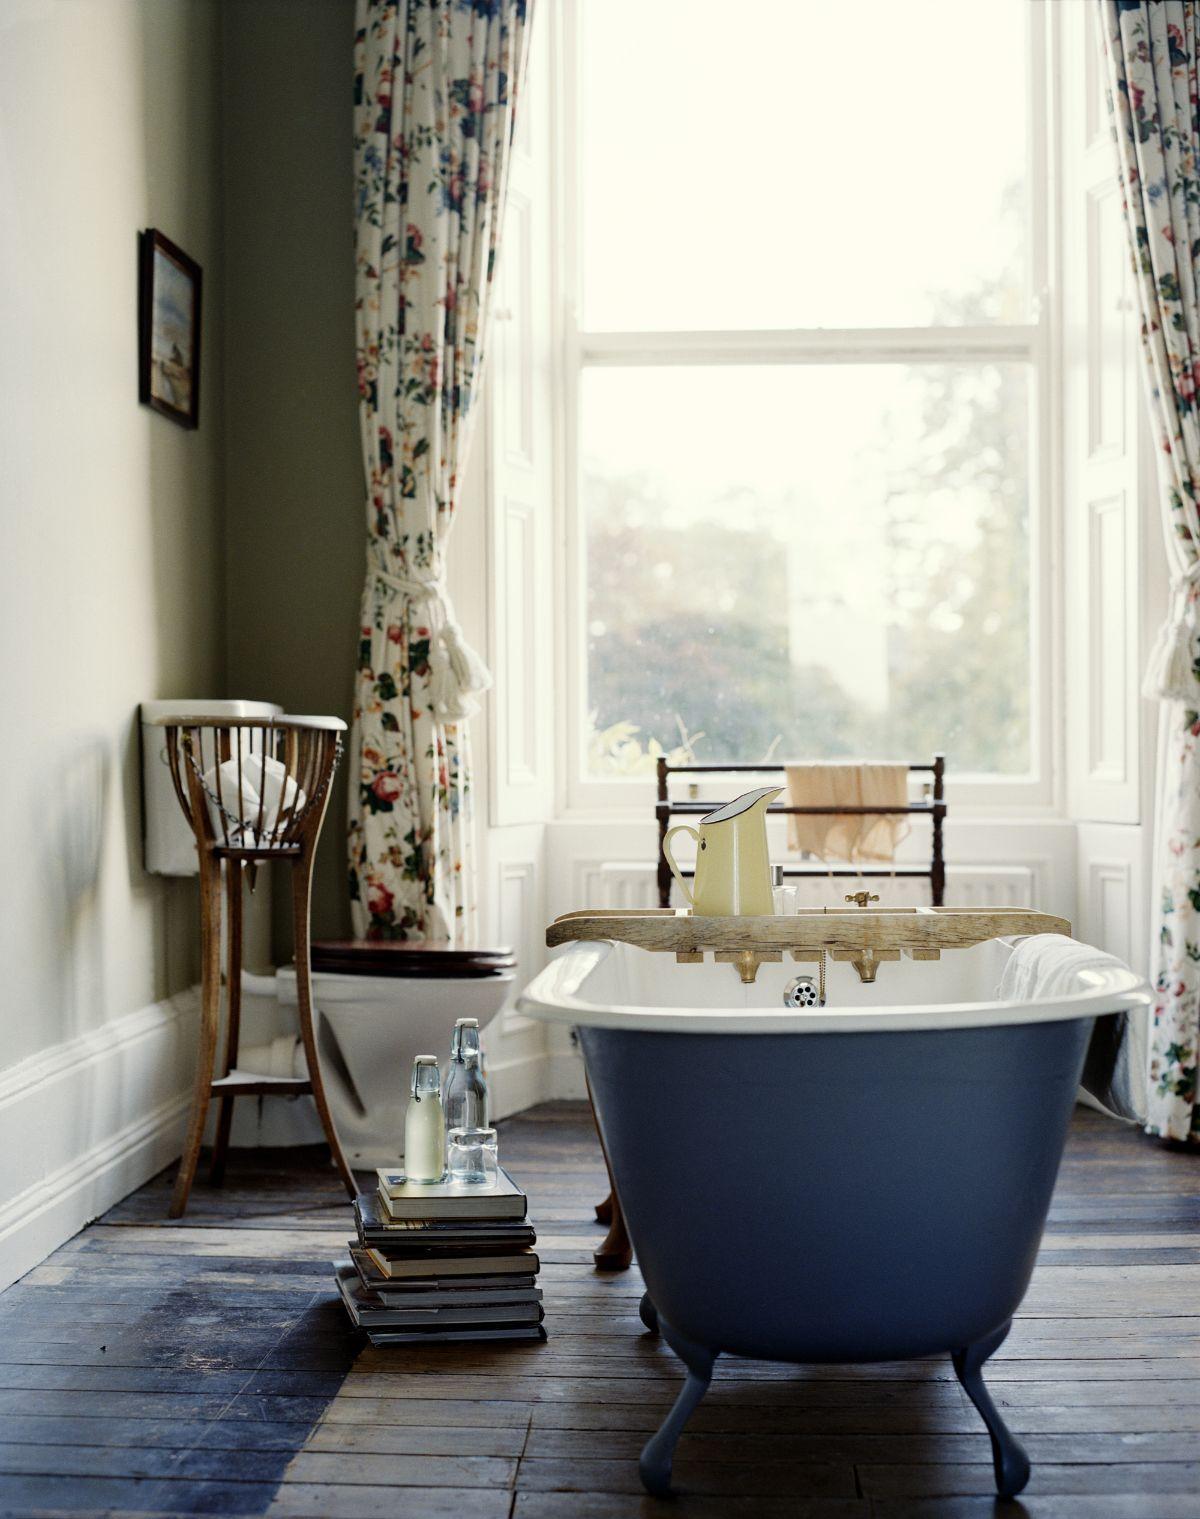 винтаж в интерьере дома ванная комната